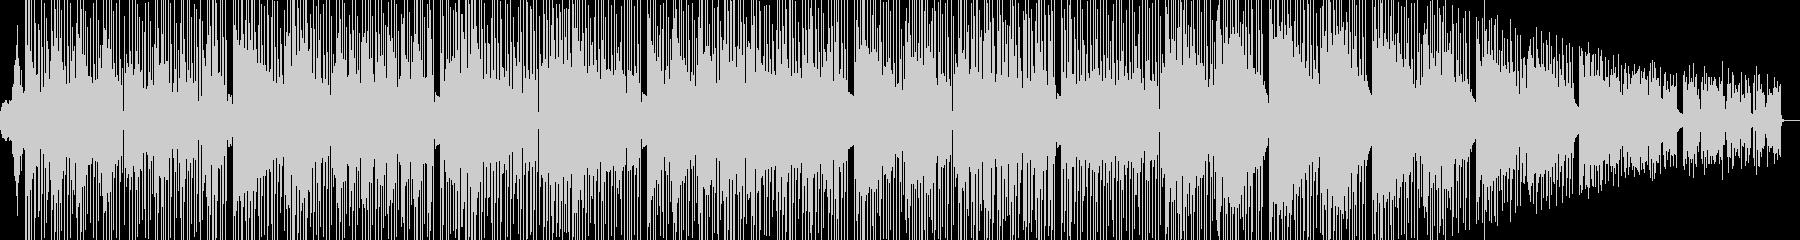 おしゃれなダウンテンポの曲です。の未再生の波形